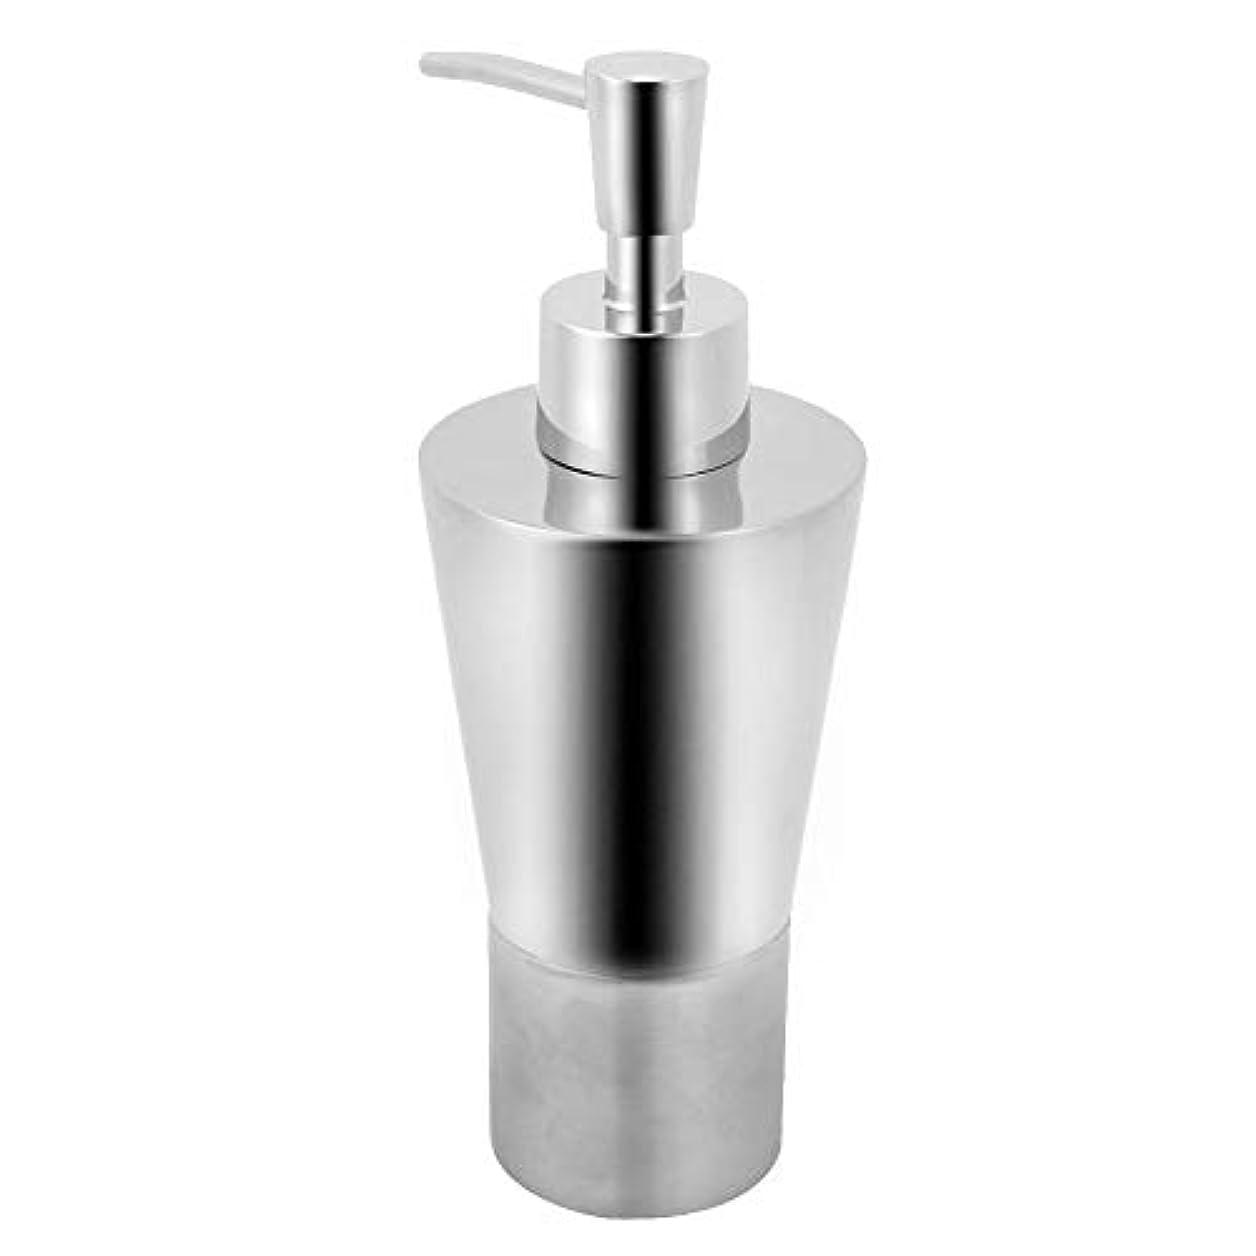 甘くするワンダー音節dootiディスペンサー 詰め替え ハンドソープ 洗剤ボトル ステンレス 耐久性 防水 防錆 多種類のソープ液体に適用